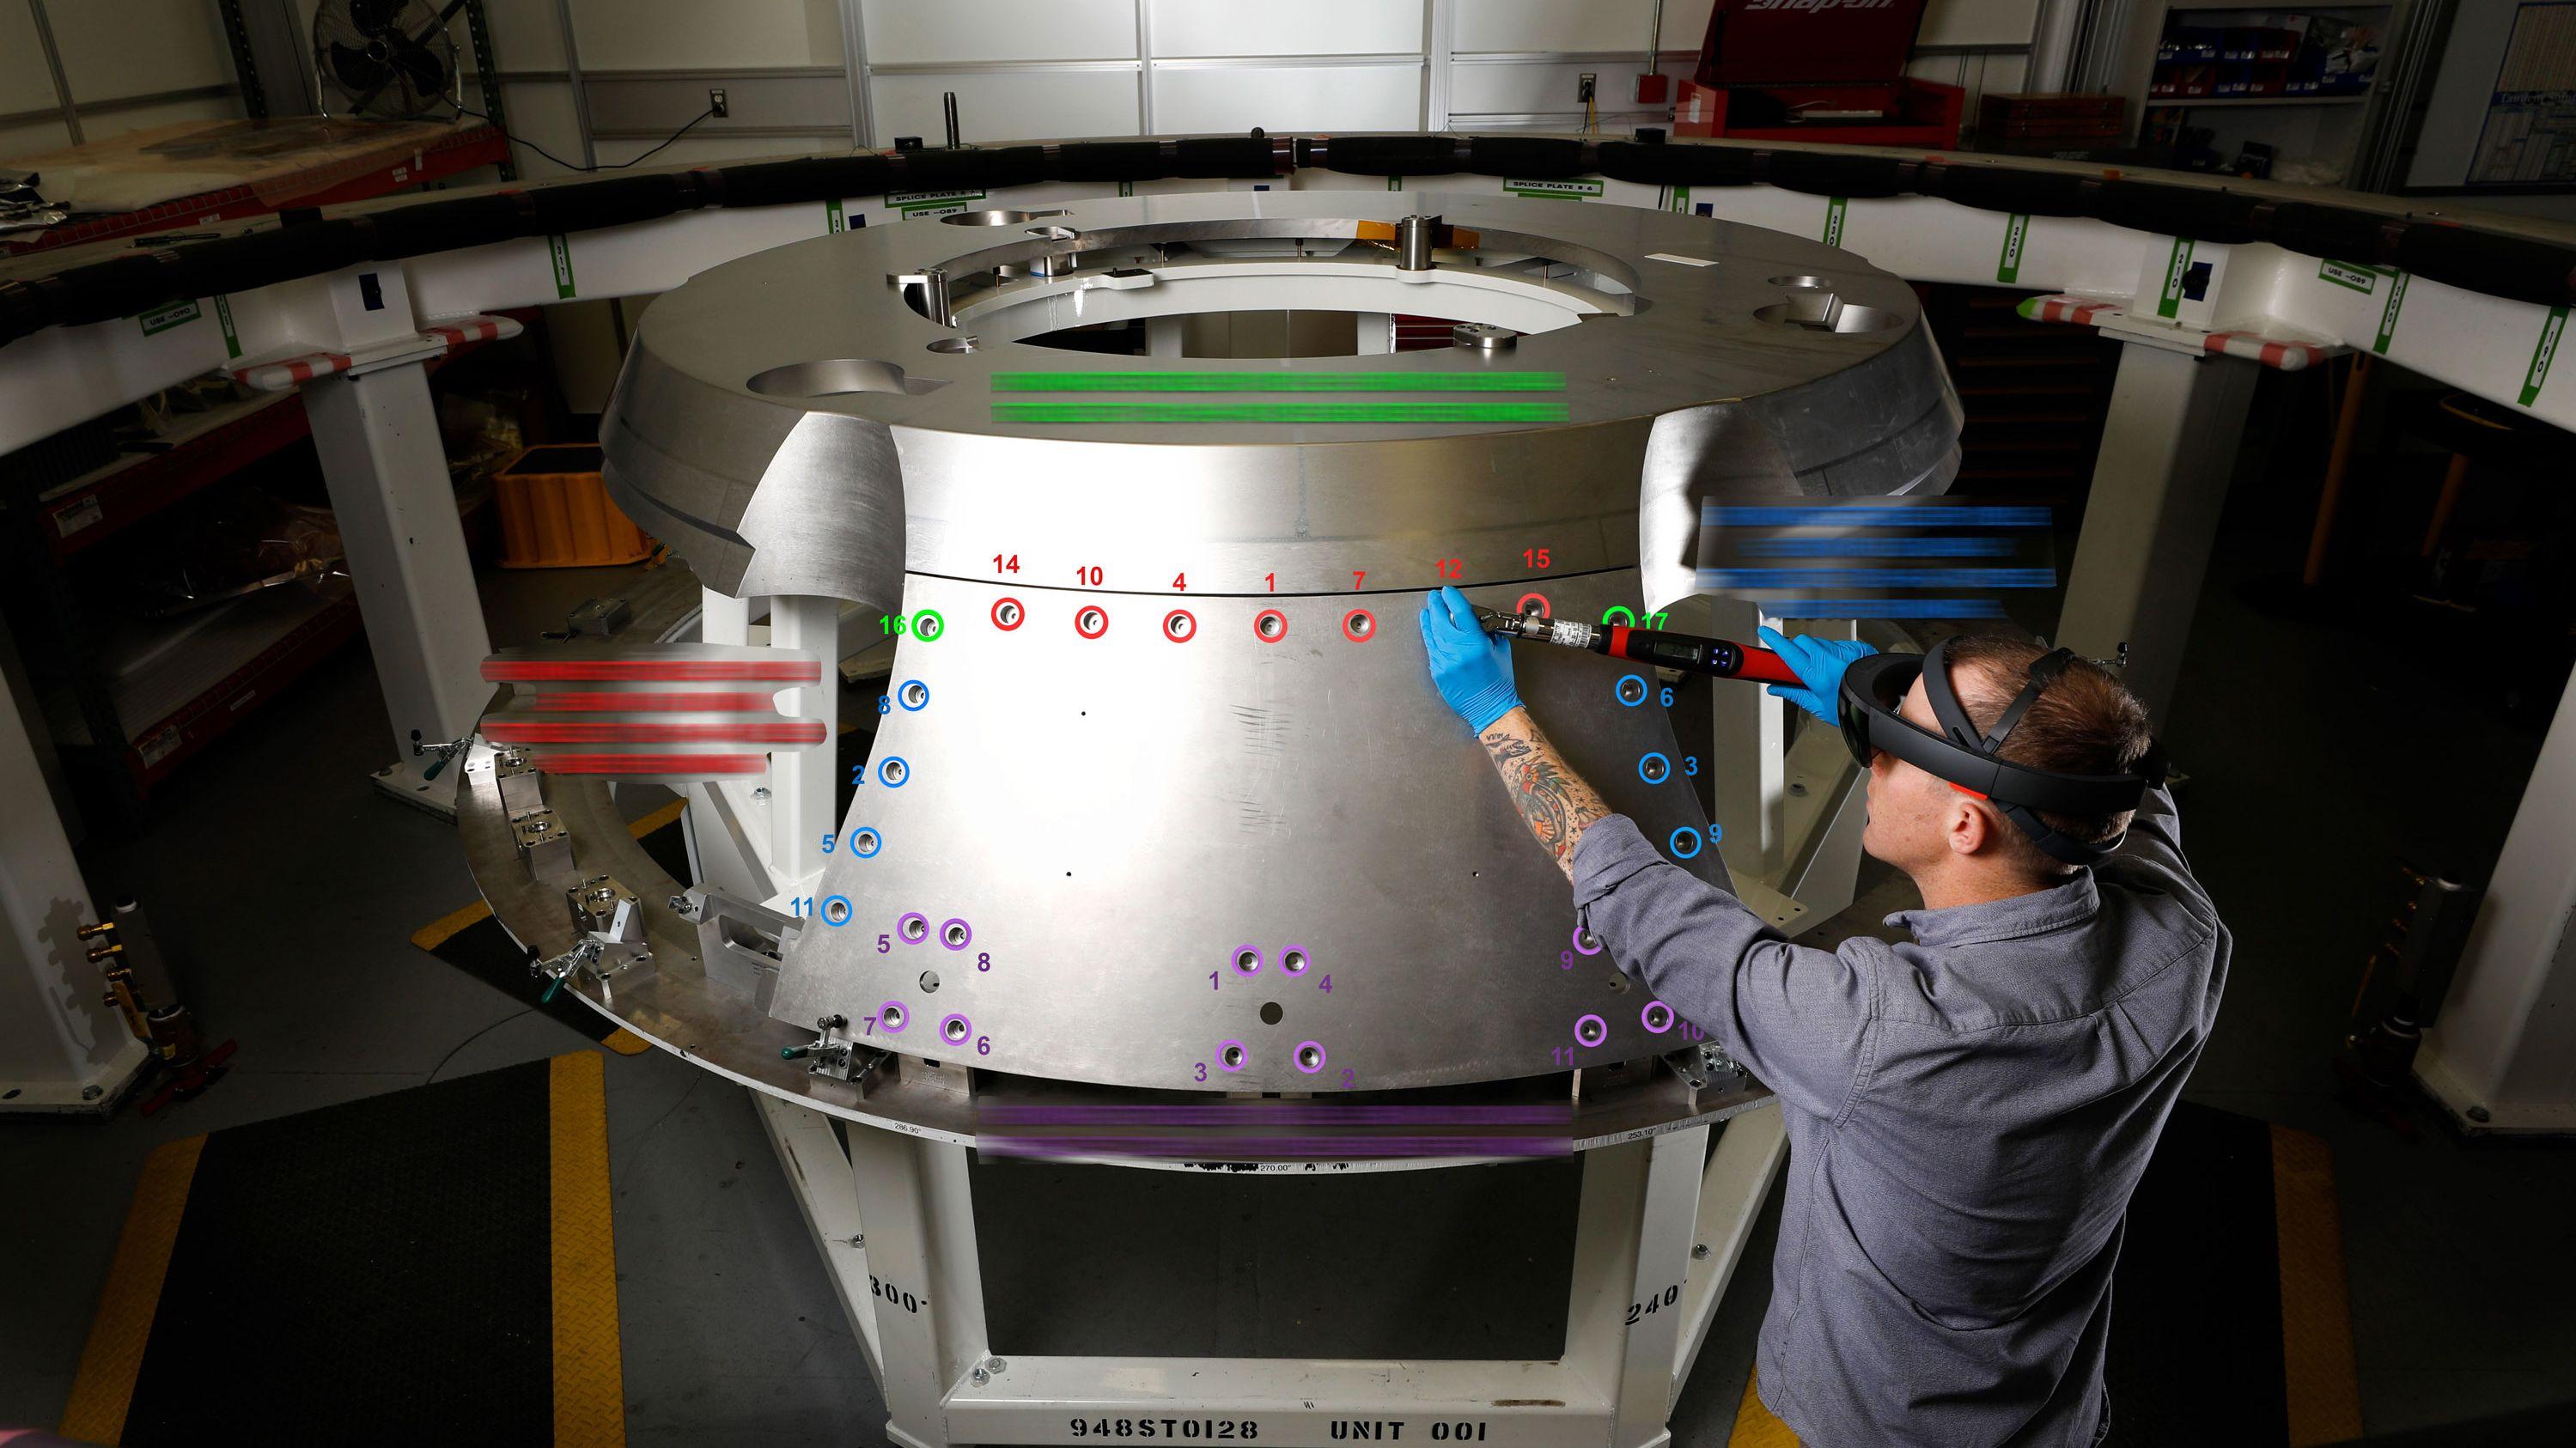 ARで宇宙船の組立てに異変 現実になった「未来の工場」